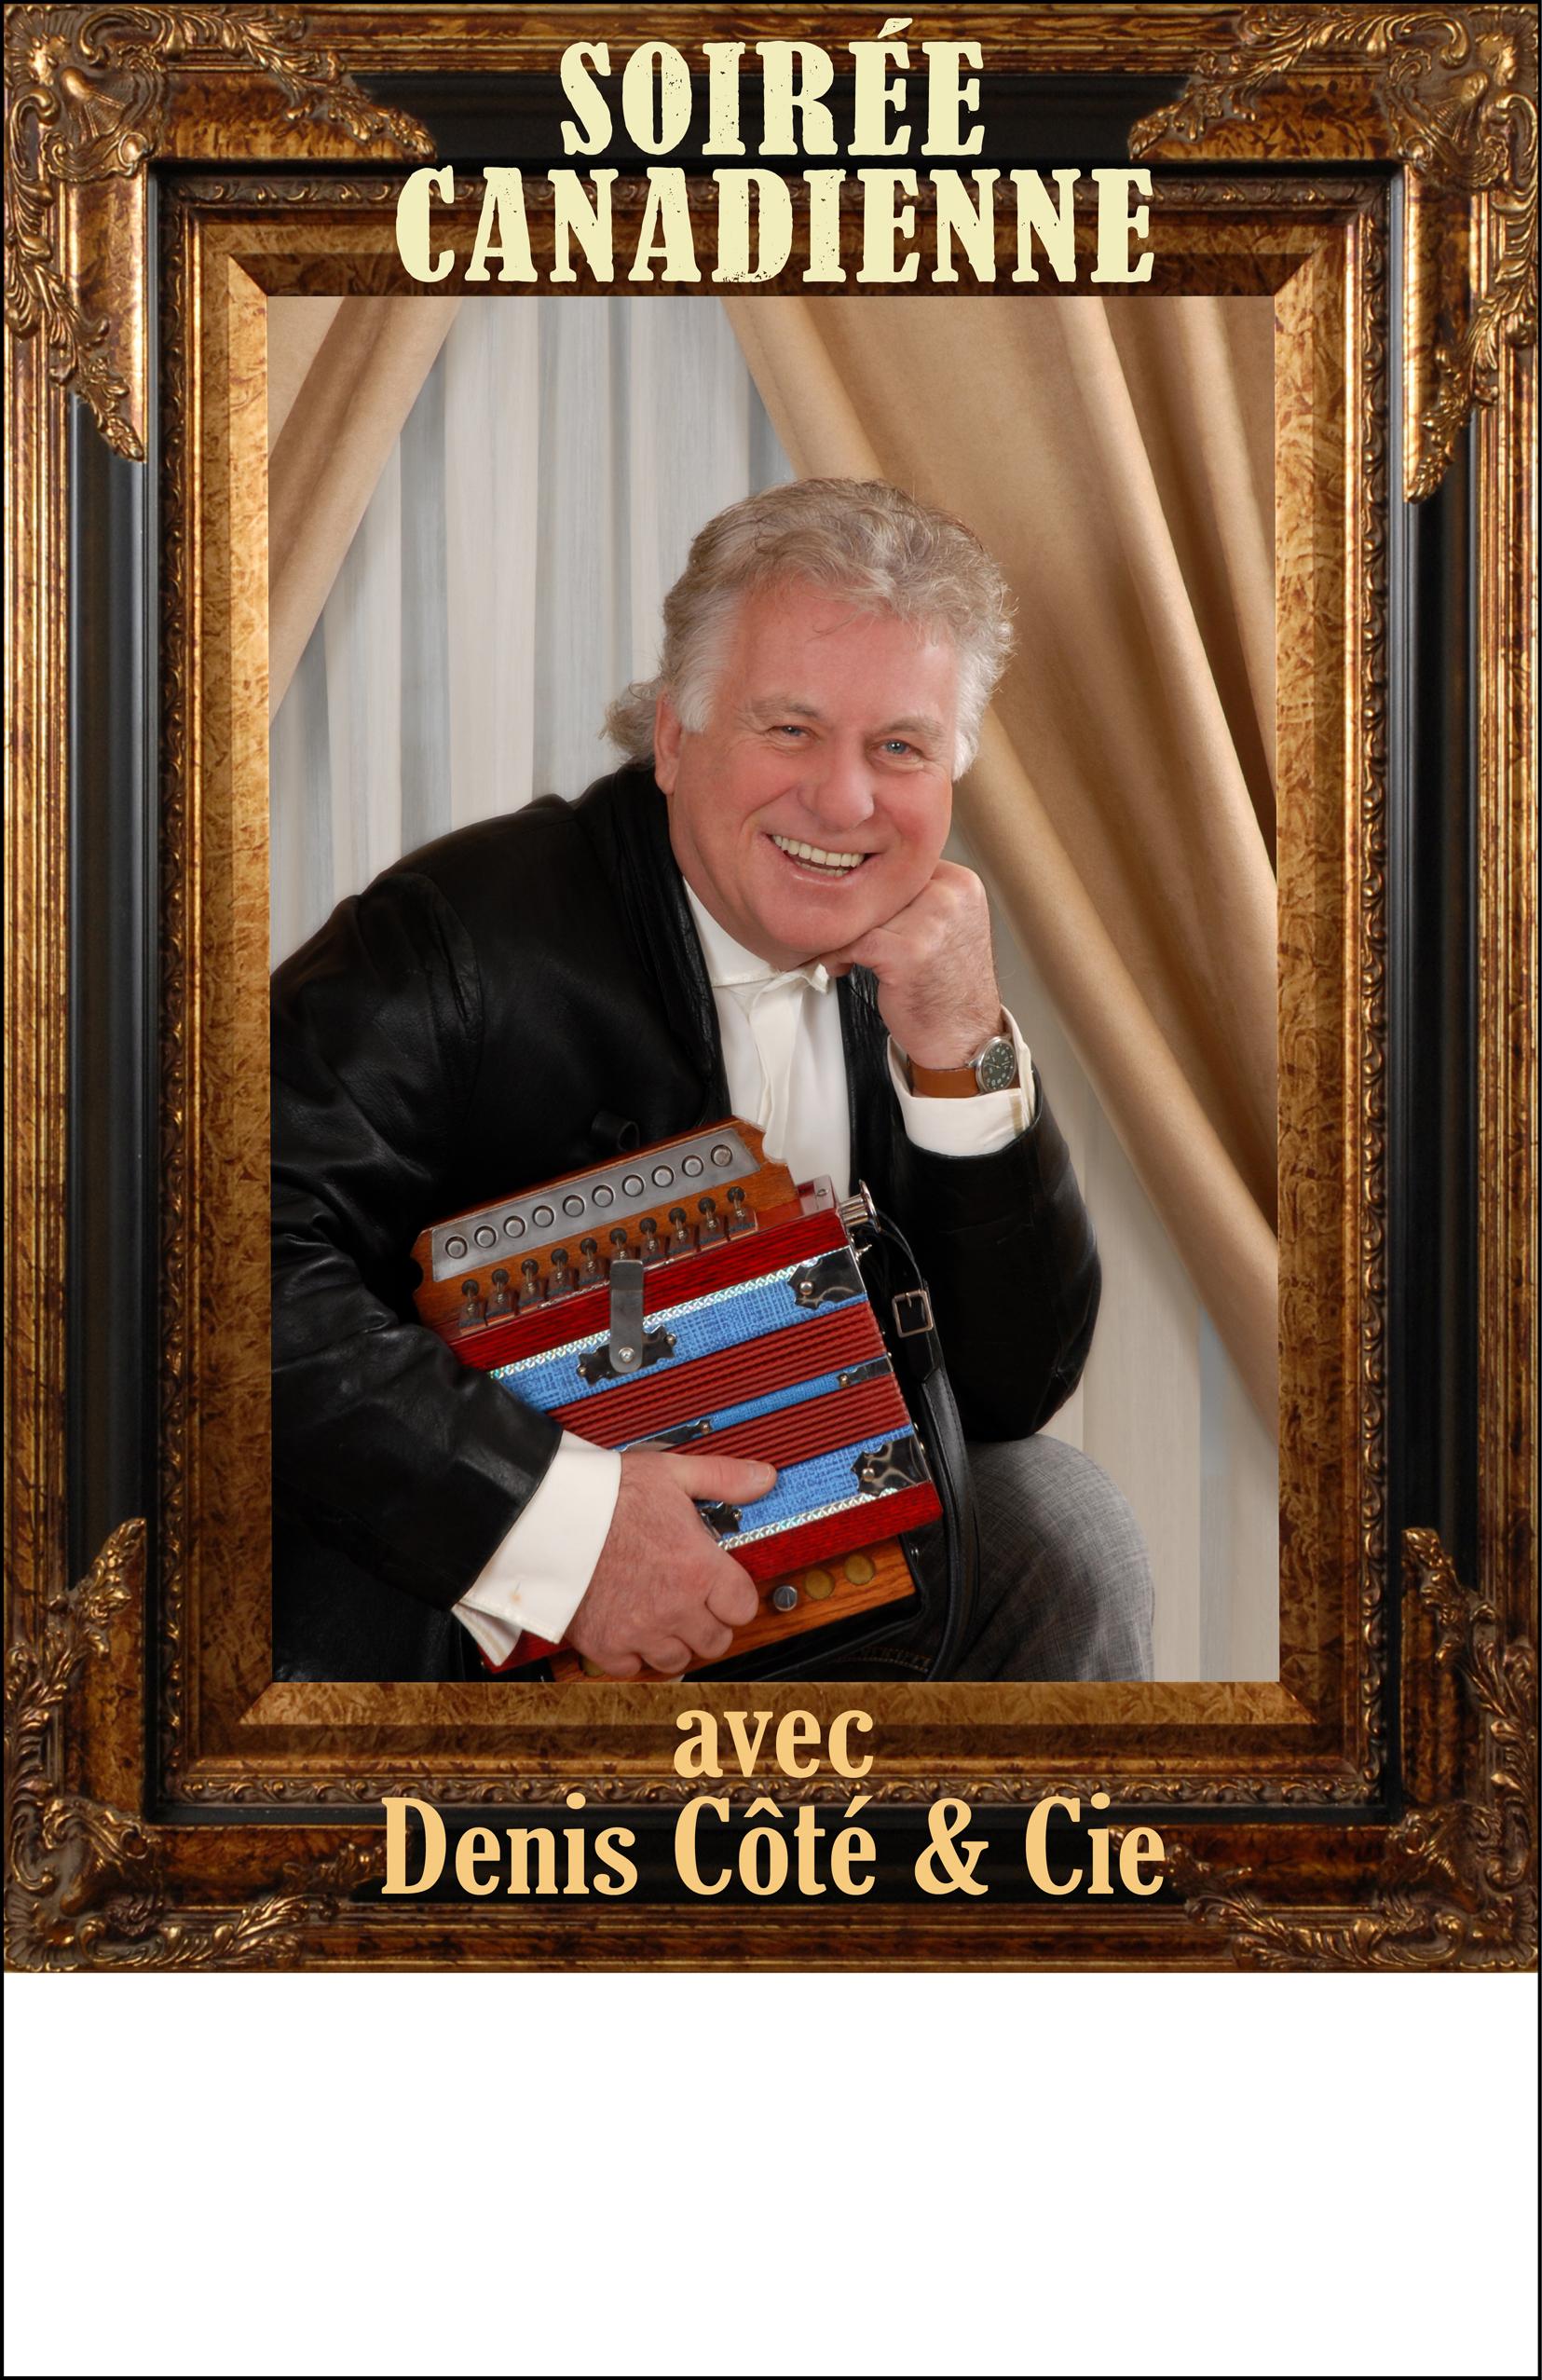 Monsieur Denis Cote